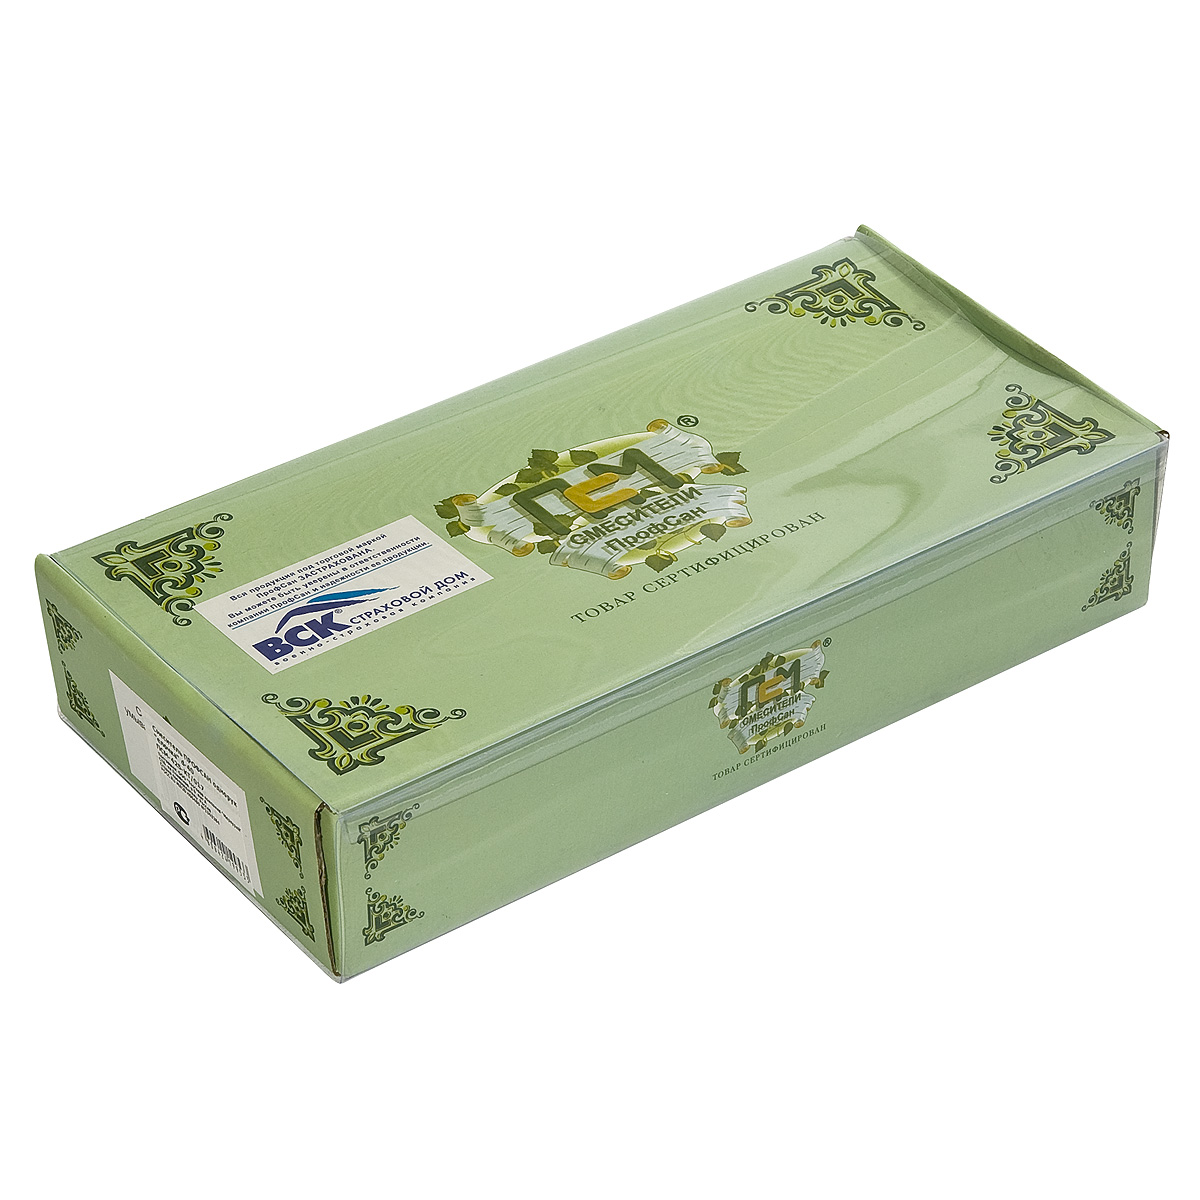 Смеситель для кухонной мойки Профсан ПСМ-425-КТ/017